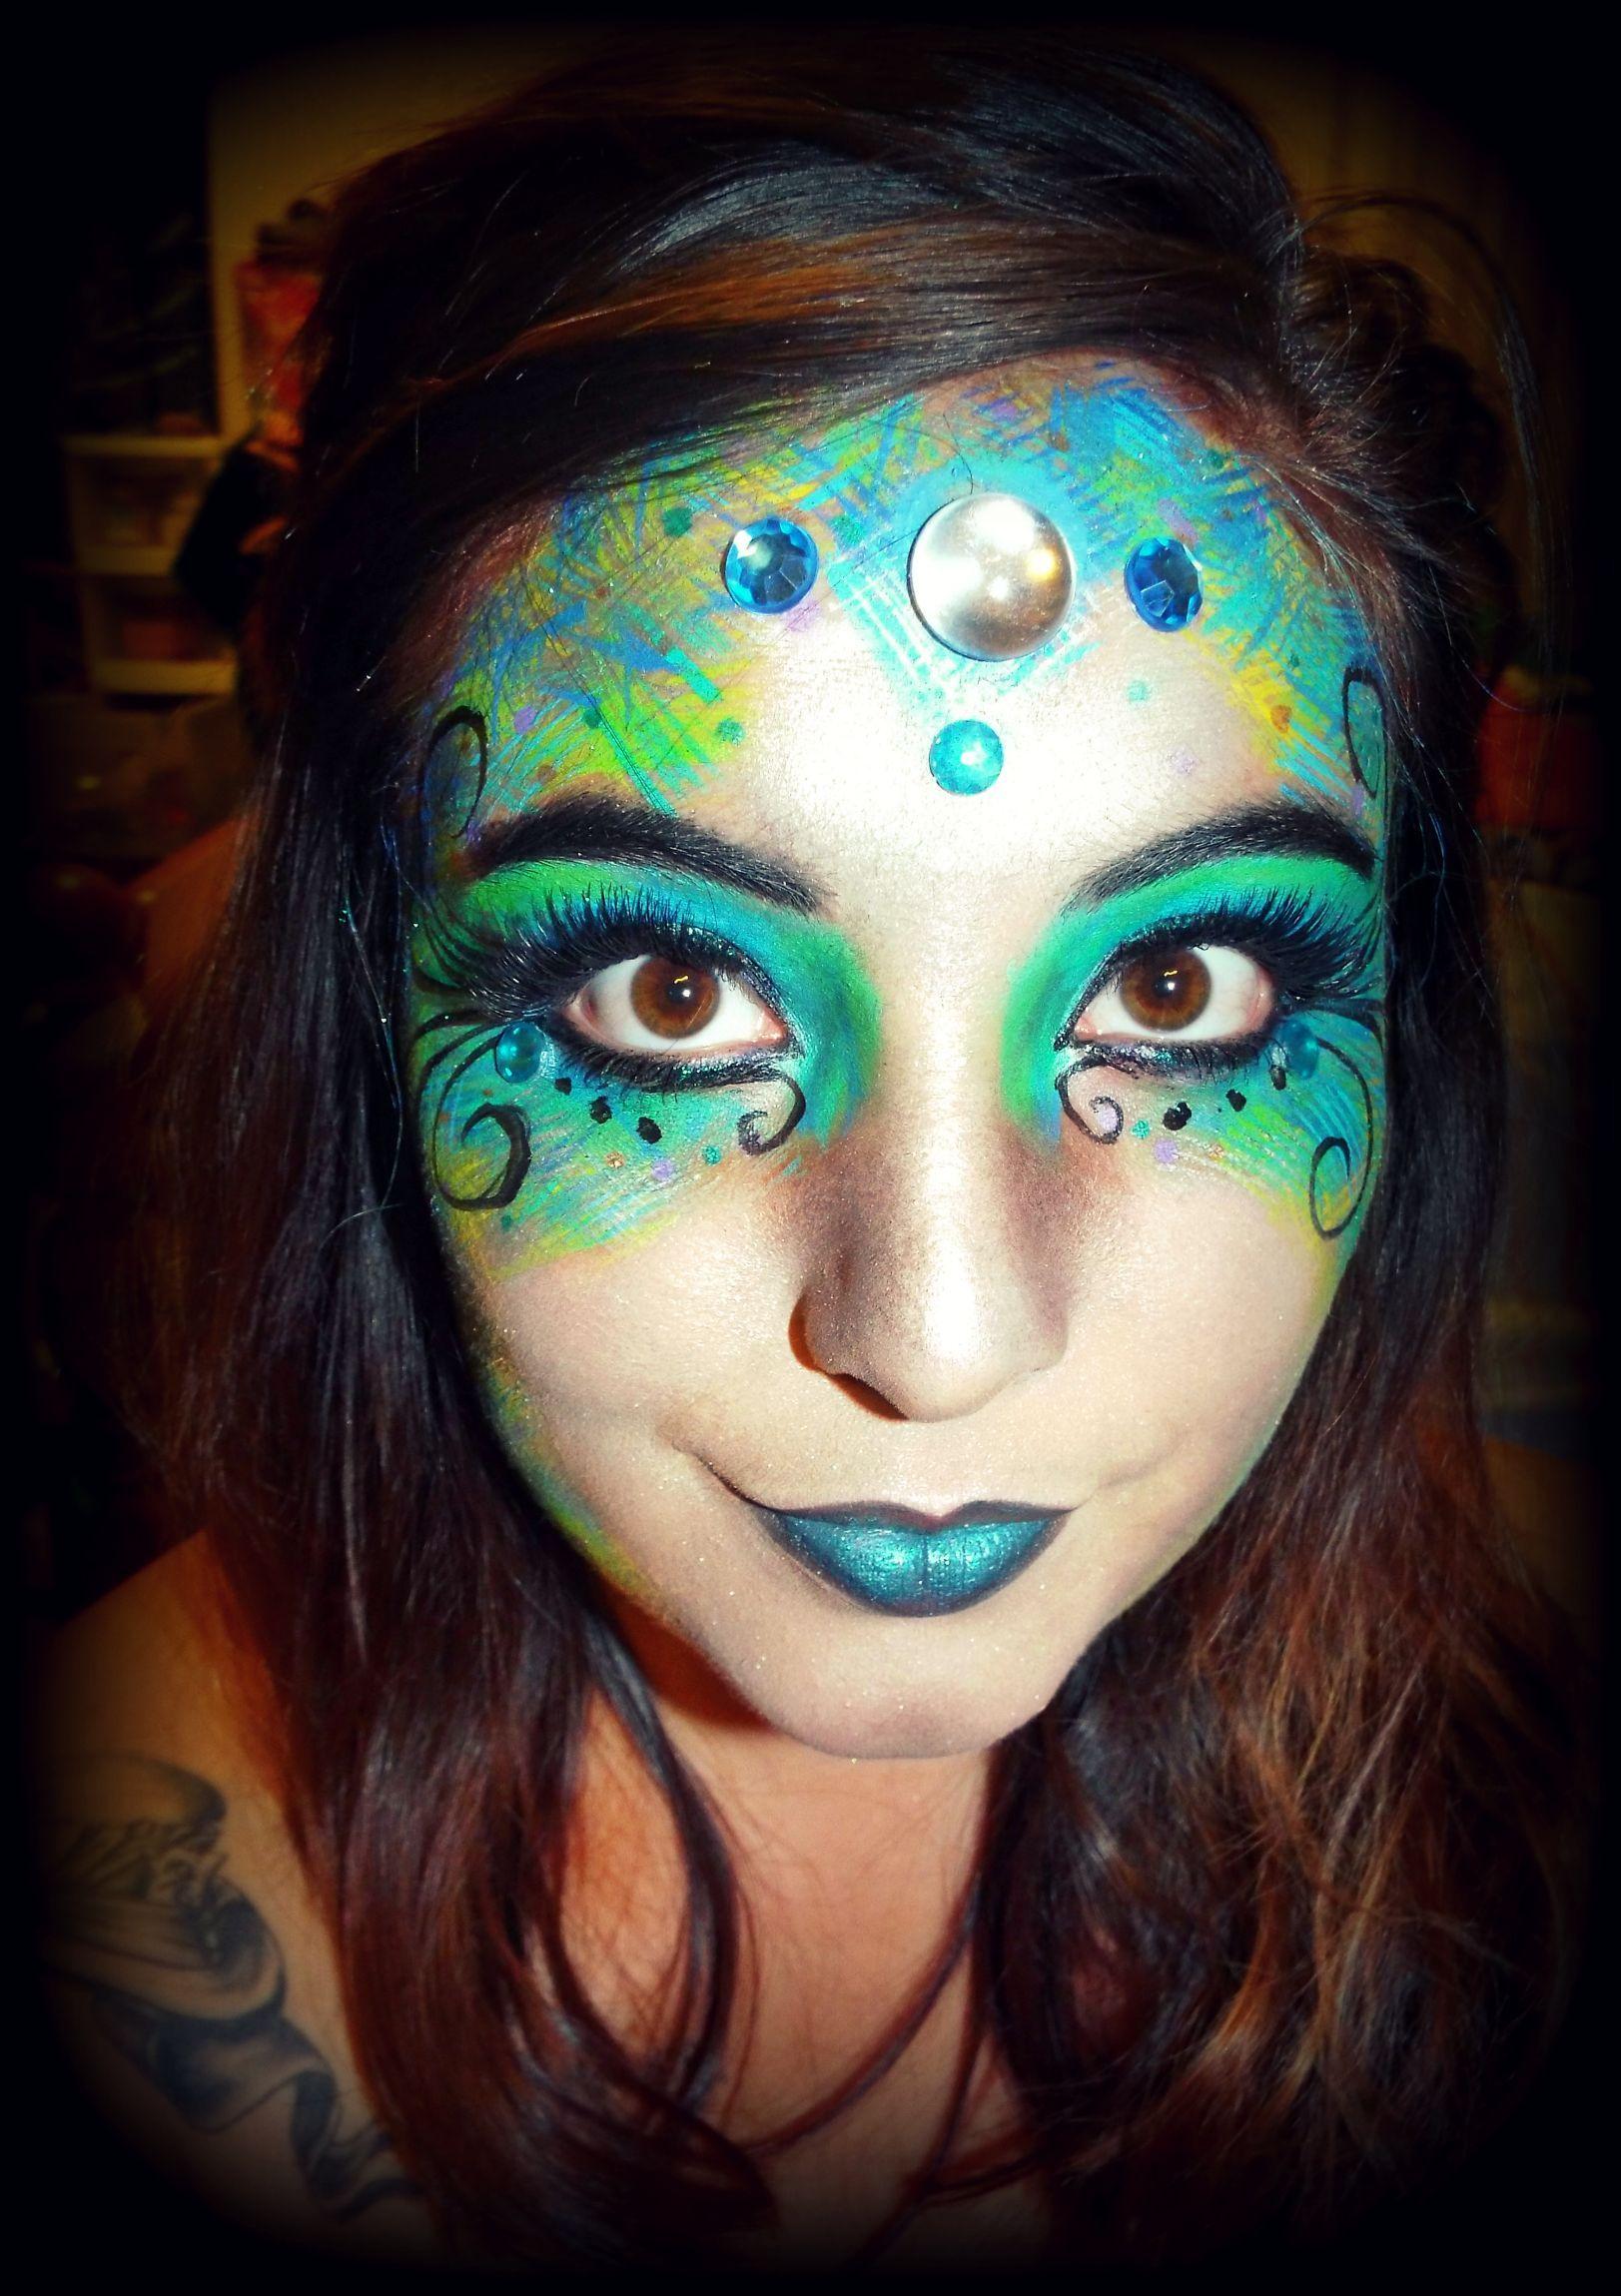 Evil mermaid facepaint evilmermaid mermaidfacepaint